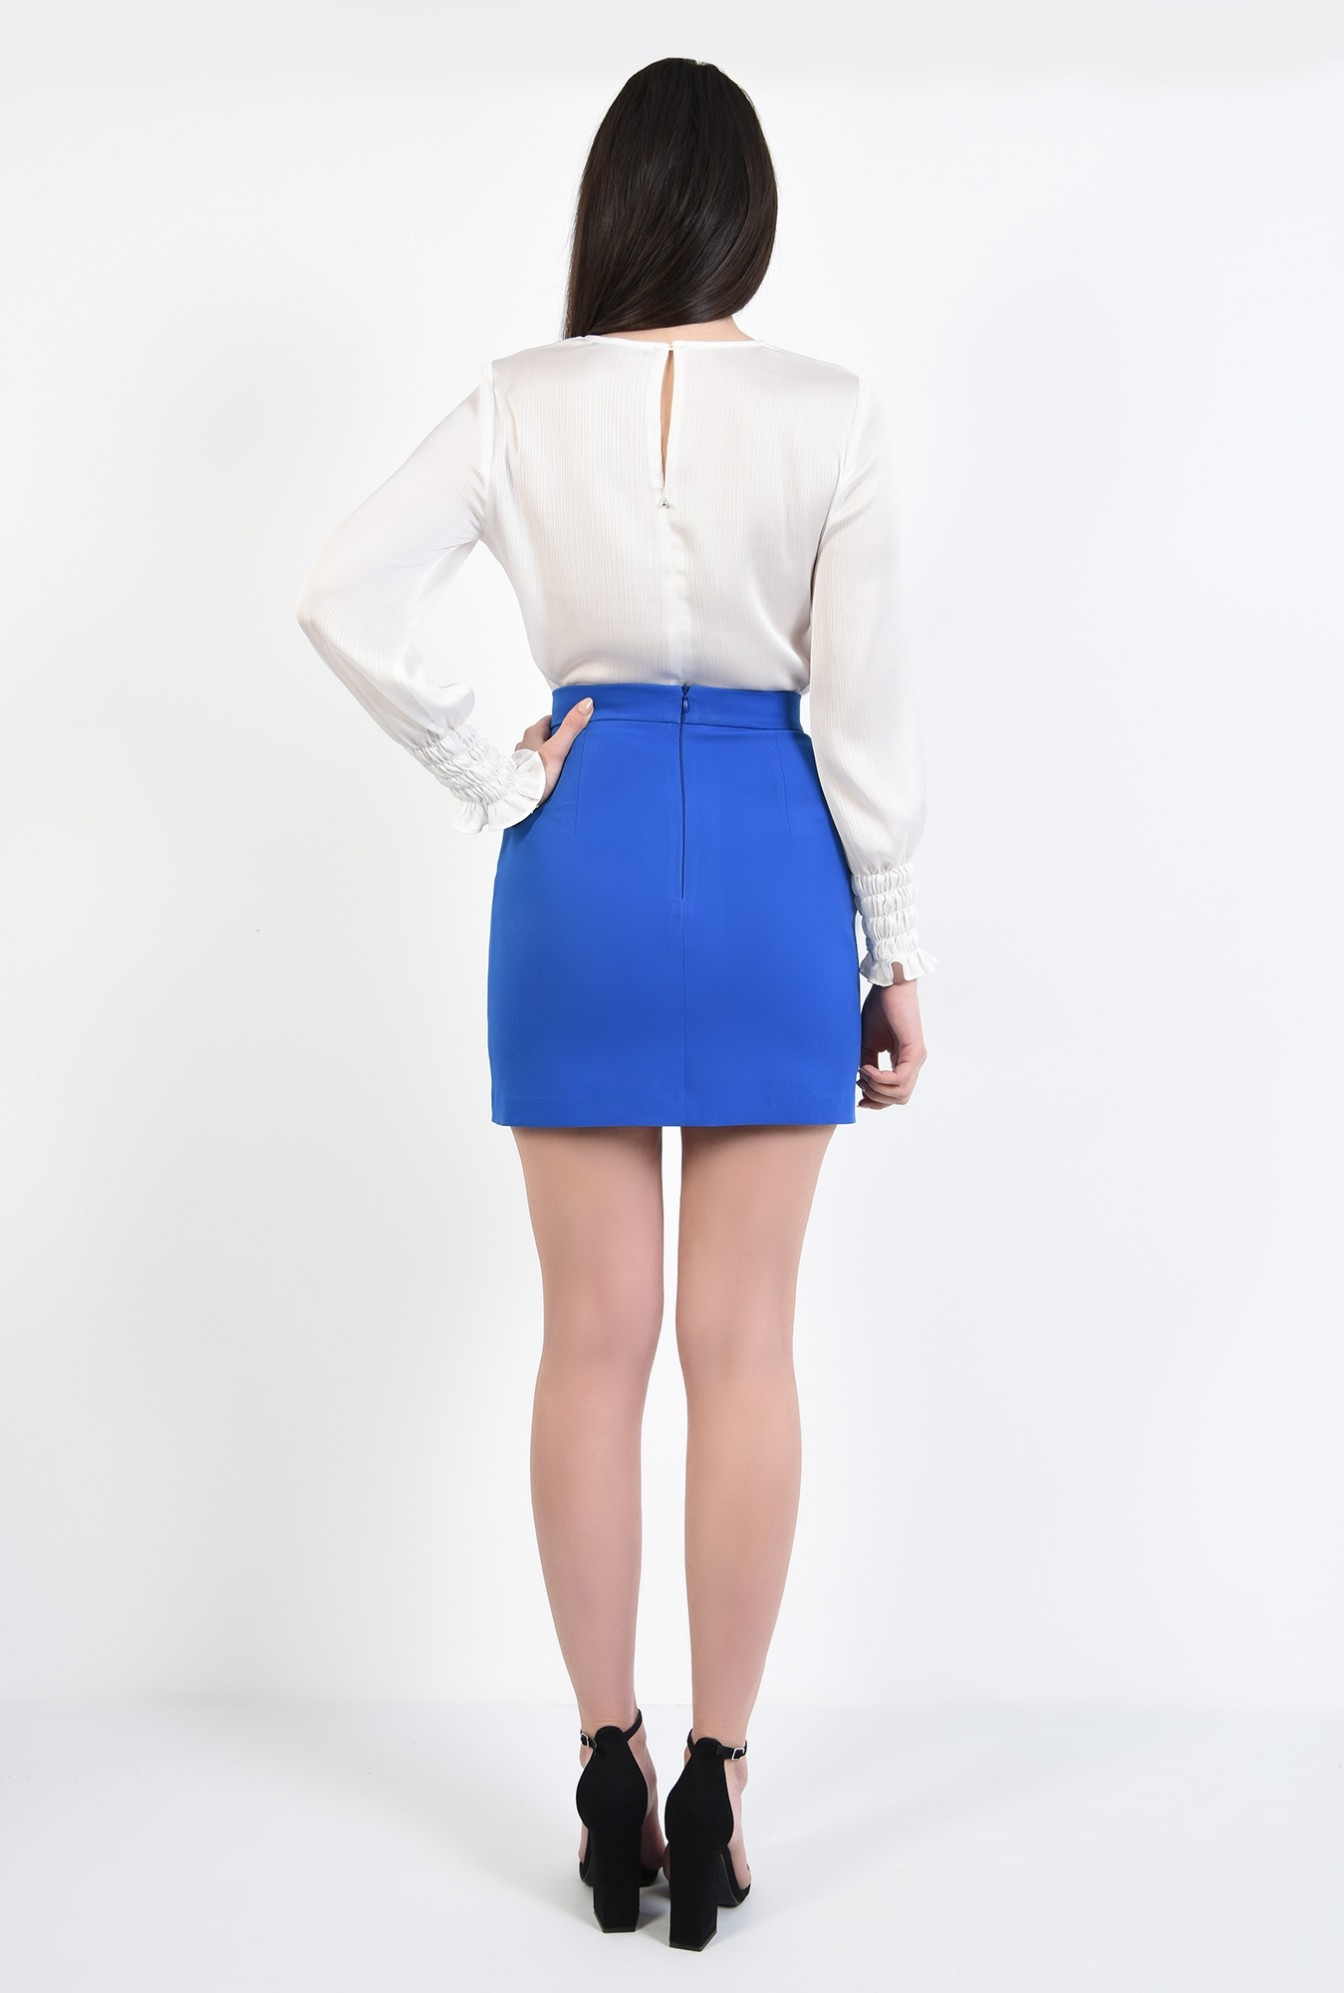 0 - fusta de zi, talie cu betelie, lungime mini, fuste online